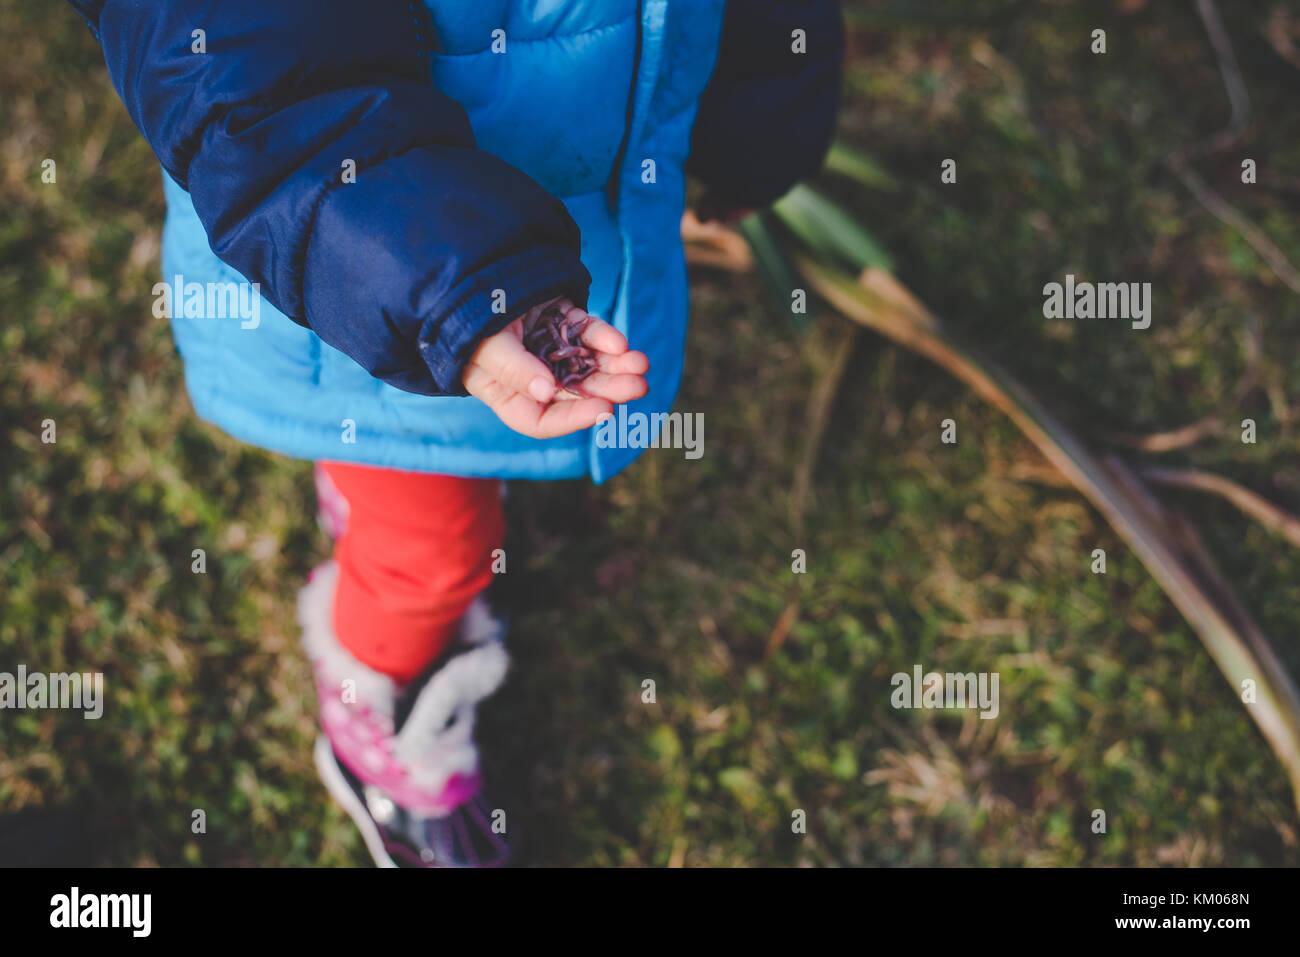 Ein kleines Mädchen, dass Regenwürmer in ihren Händen. Stockbild